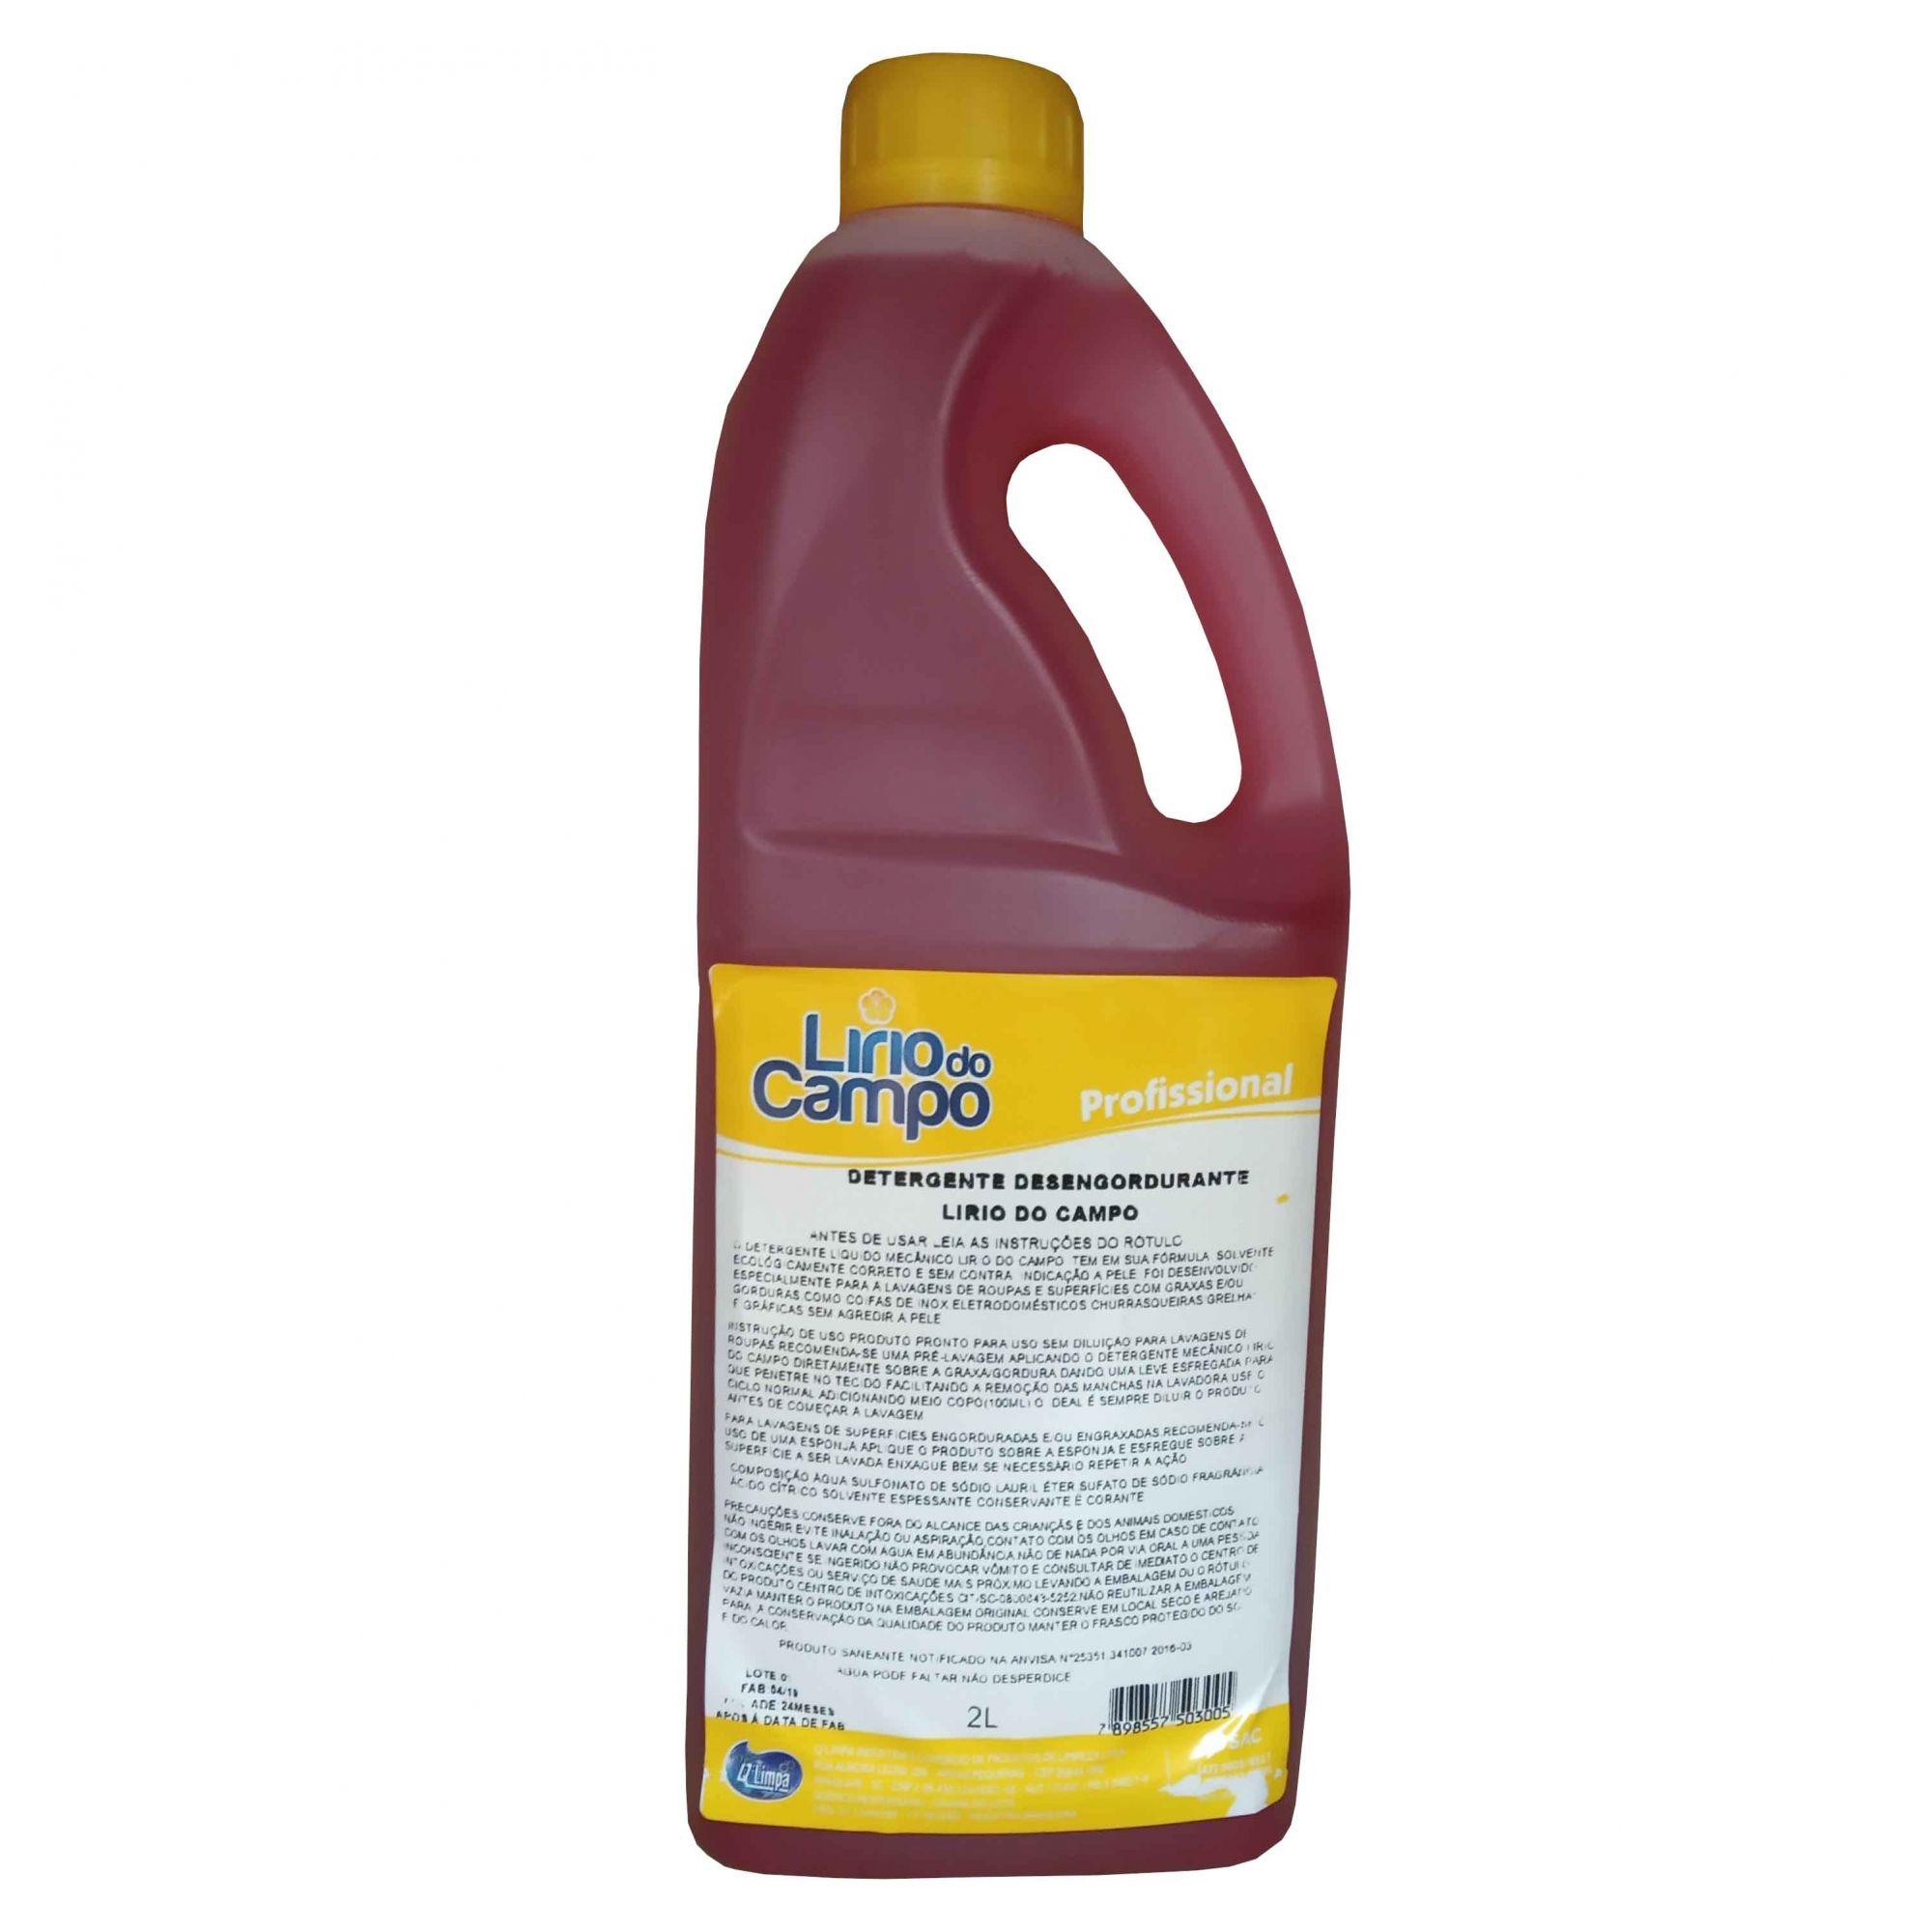 Detergente Desengordurante Uso Profissional Lirio do Campo 2L